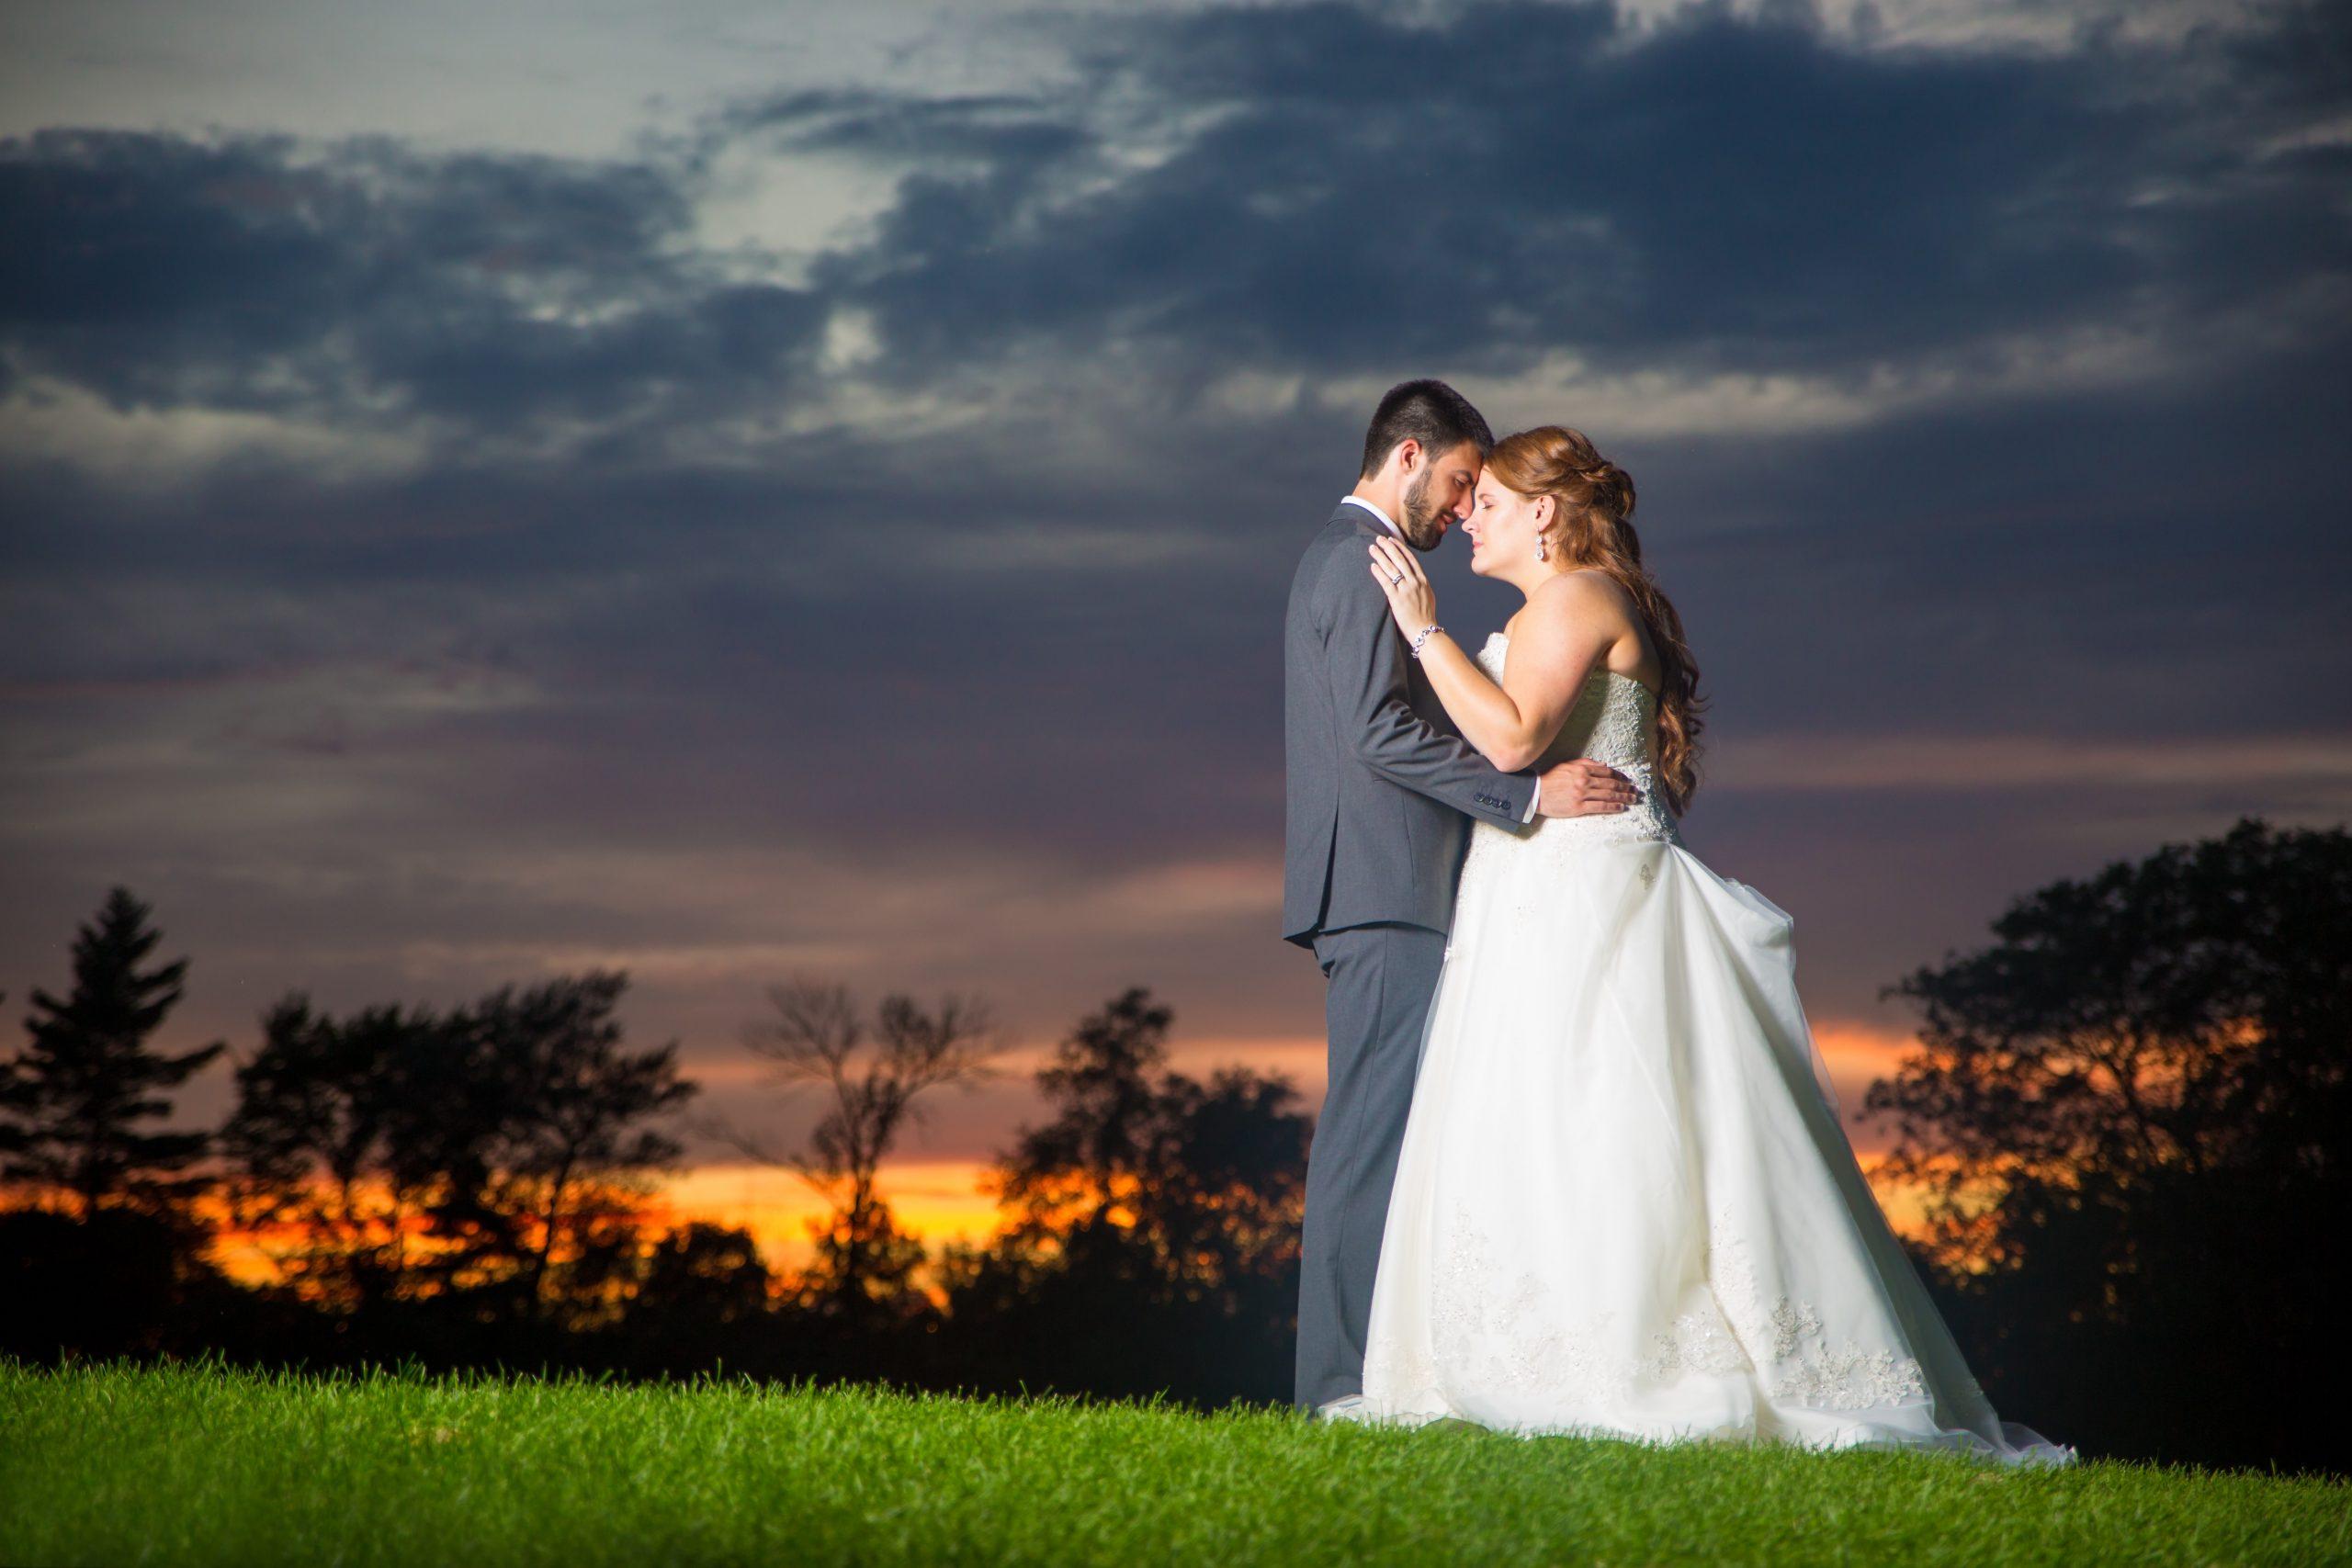 Kristen & Jacob | Olympia Fields Country Club Wedding